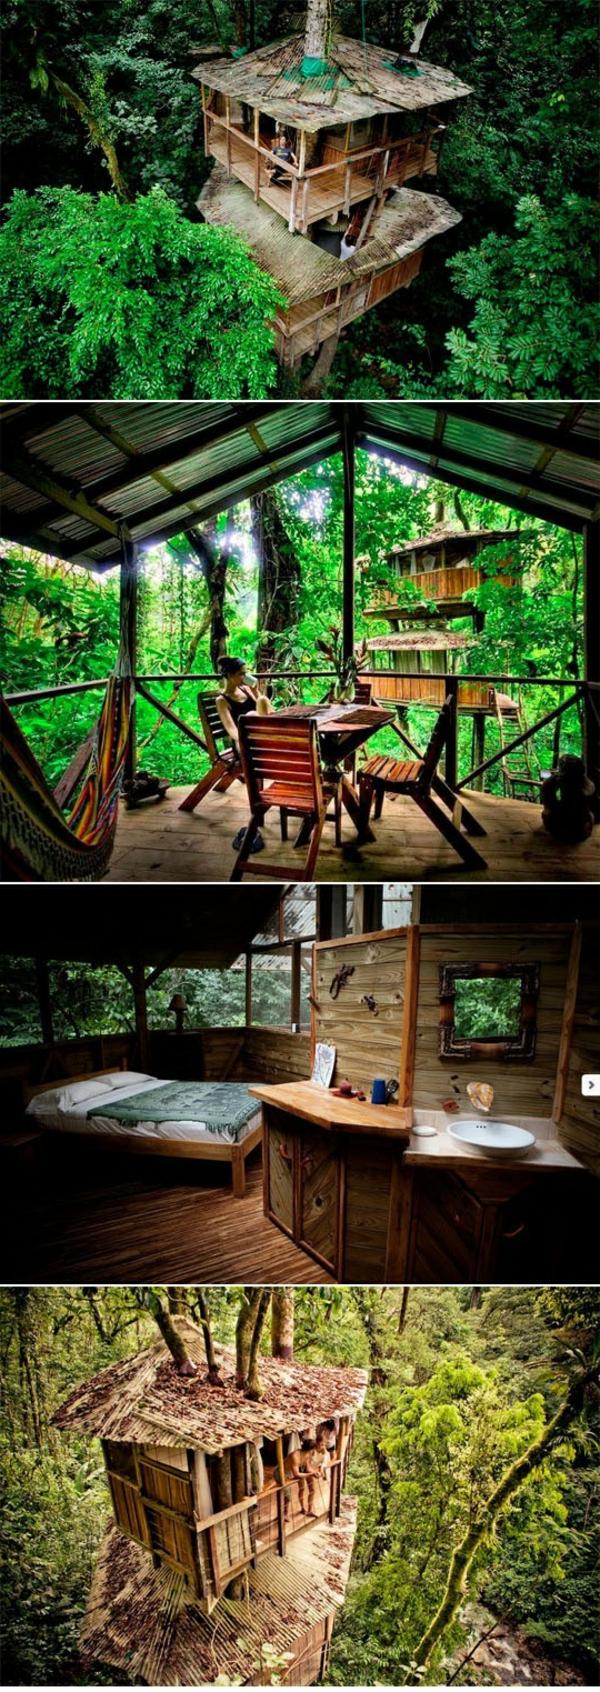 cabanes-dans-les-arbres-idées-d'architecture-créative